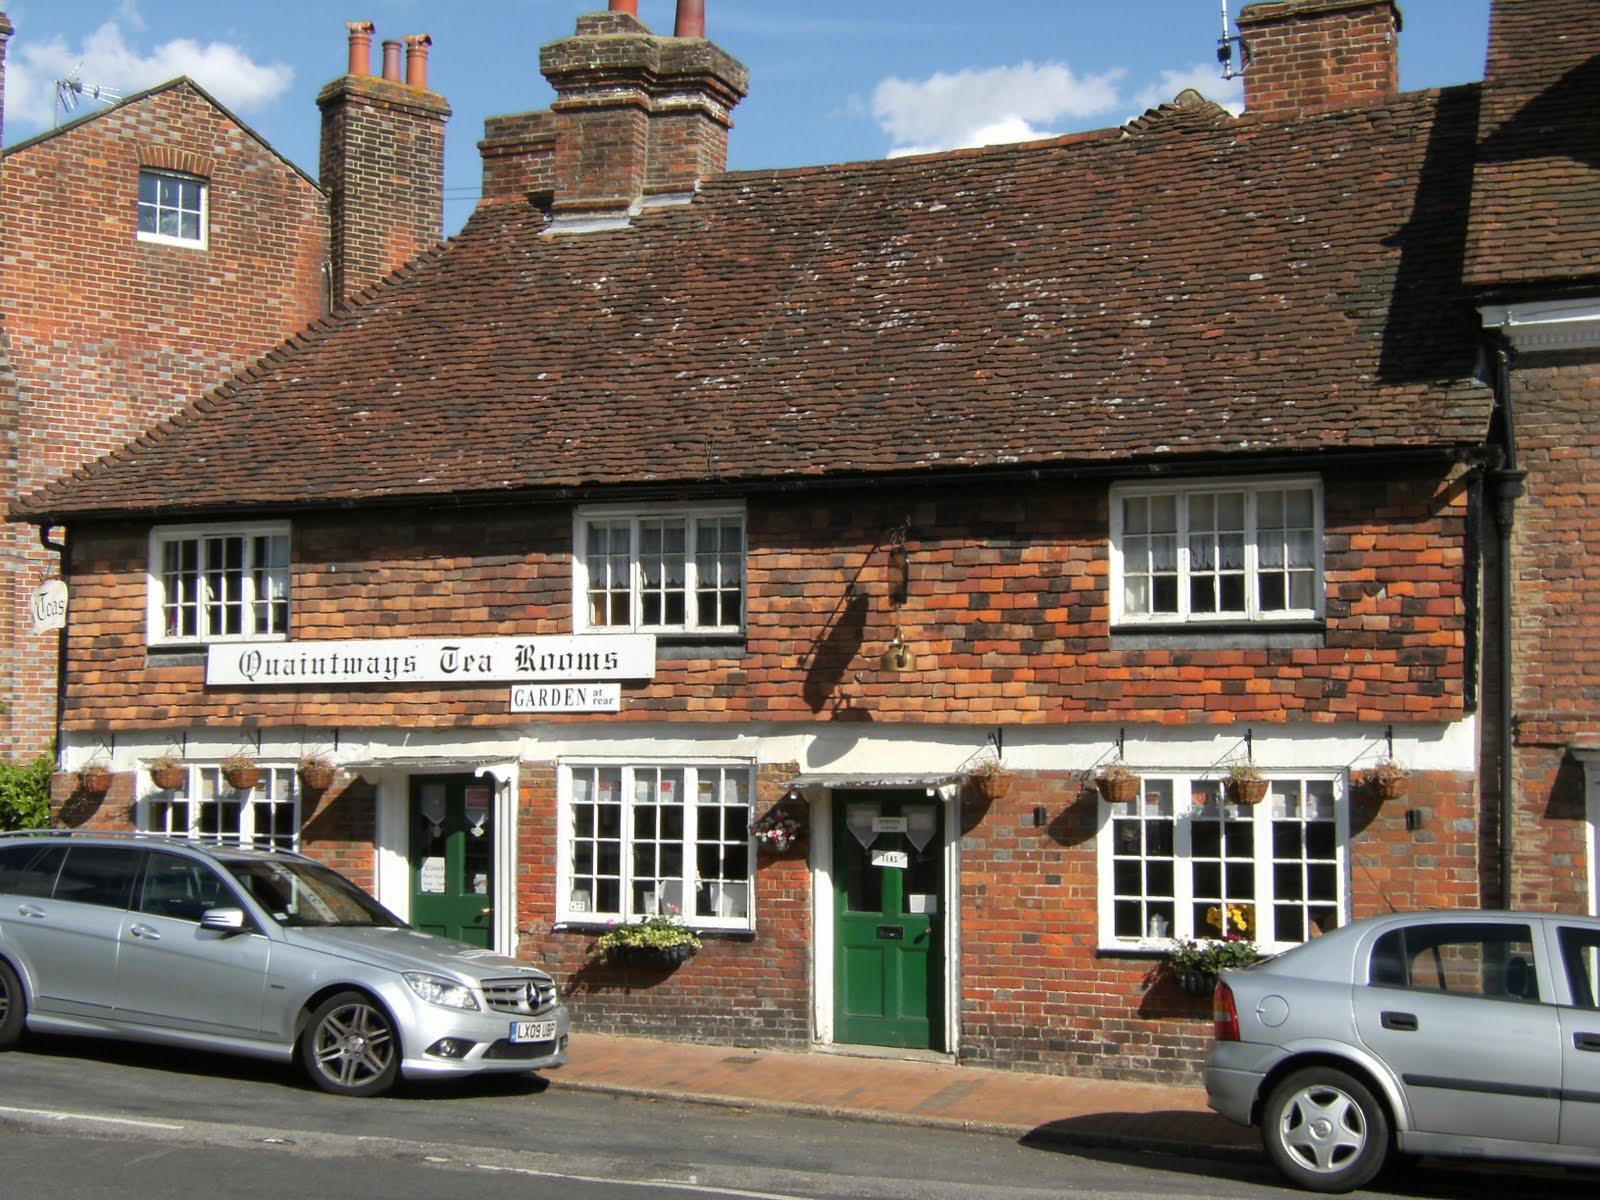 1005300133 Quaintways Tea Rooms, Penshurst (now closed)